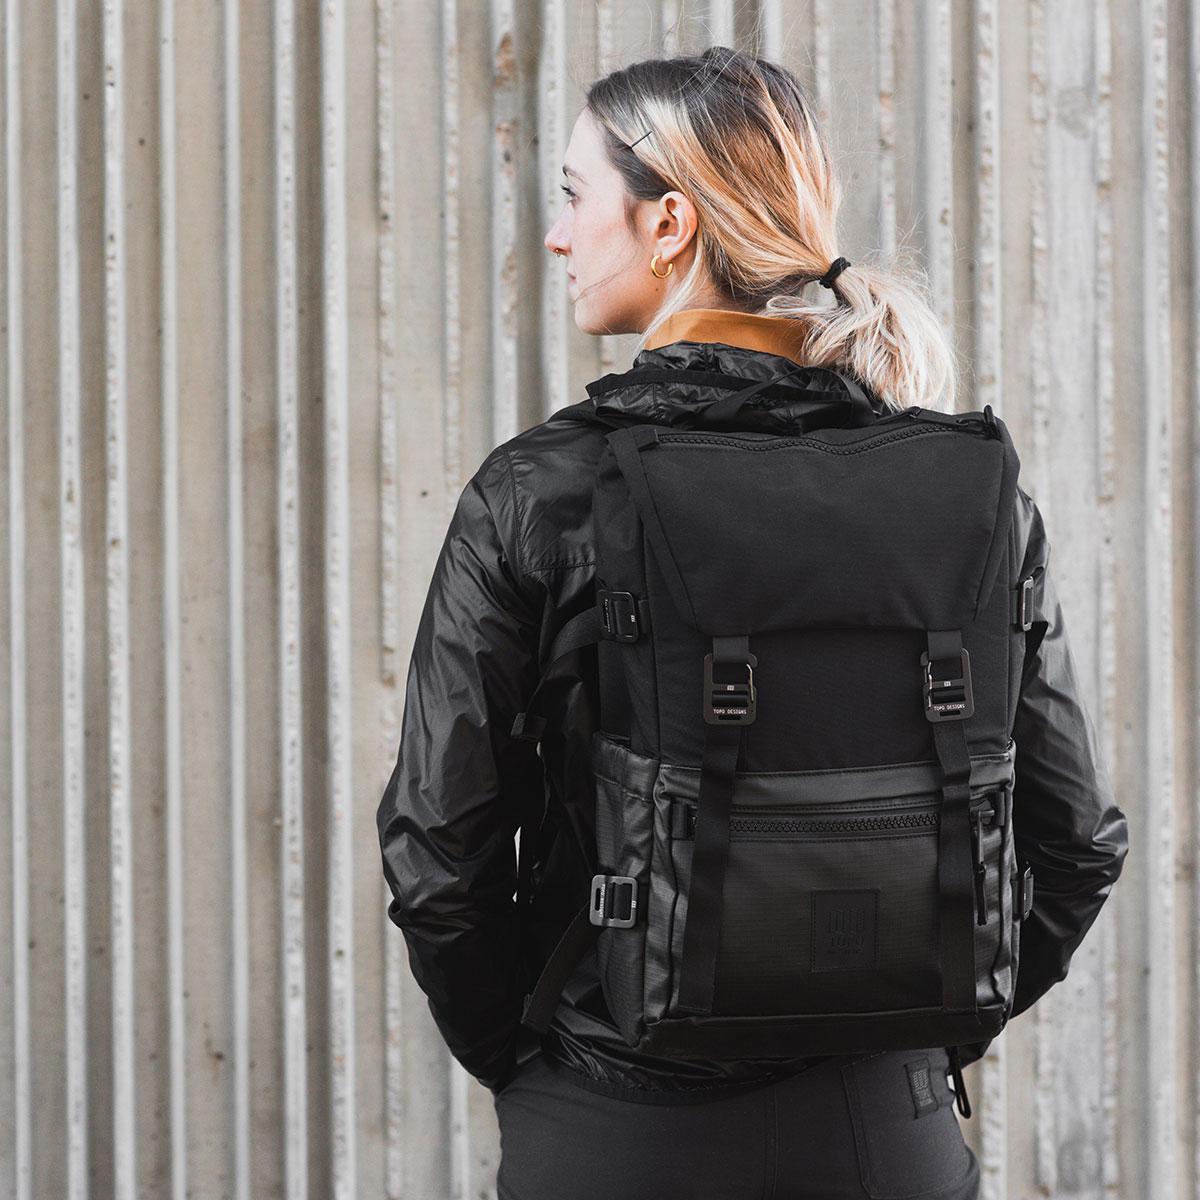 Topo Designs Rover Pack Premium Black, entworfen mit einem besonderen, luxuriösen Gefühl